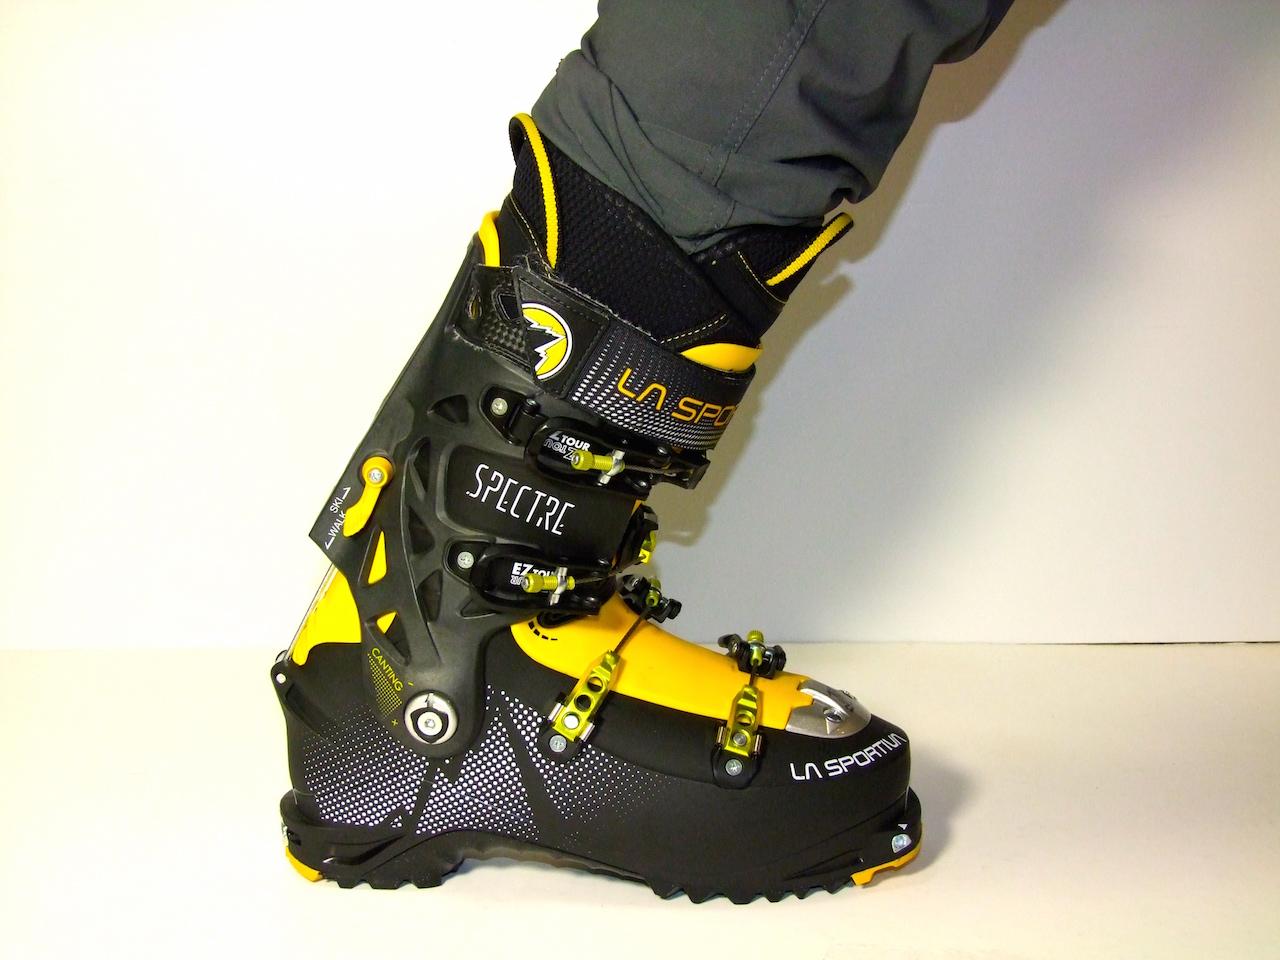 Choisir une chaussure de ski de fond